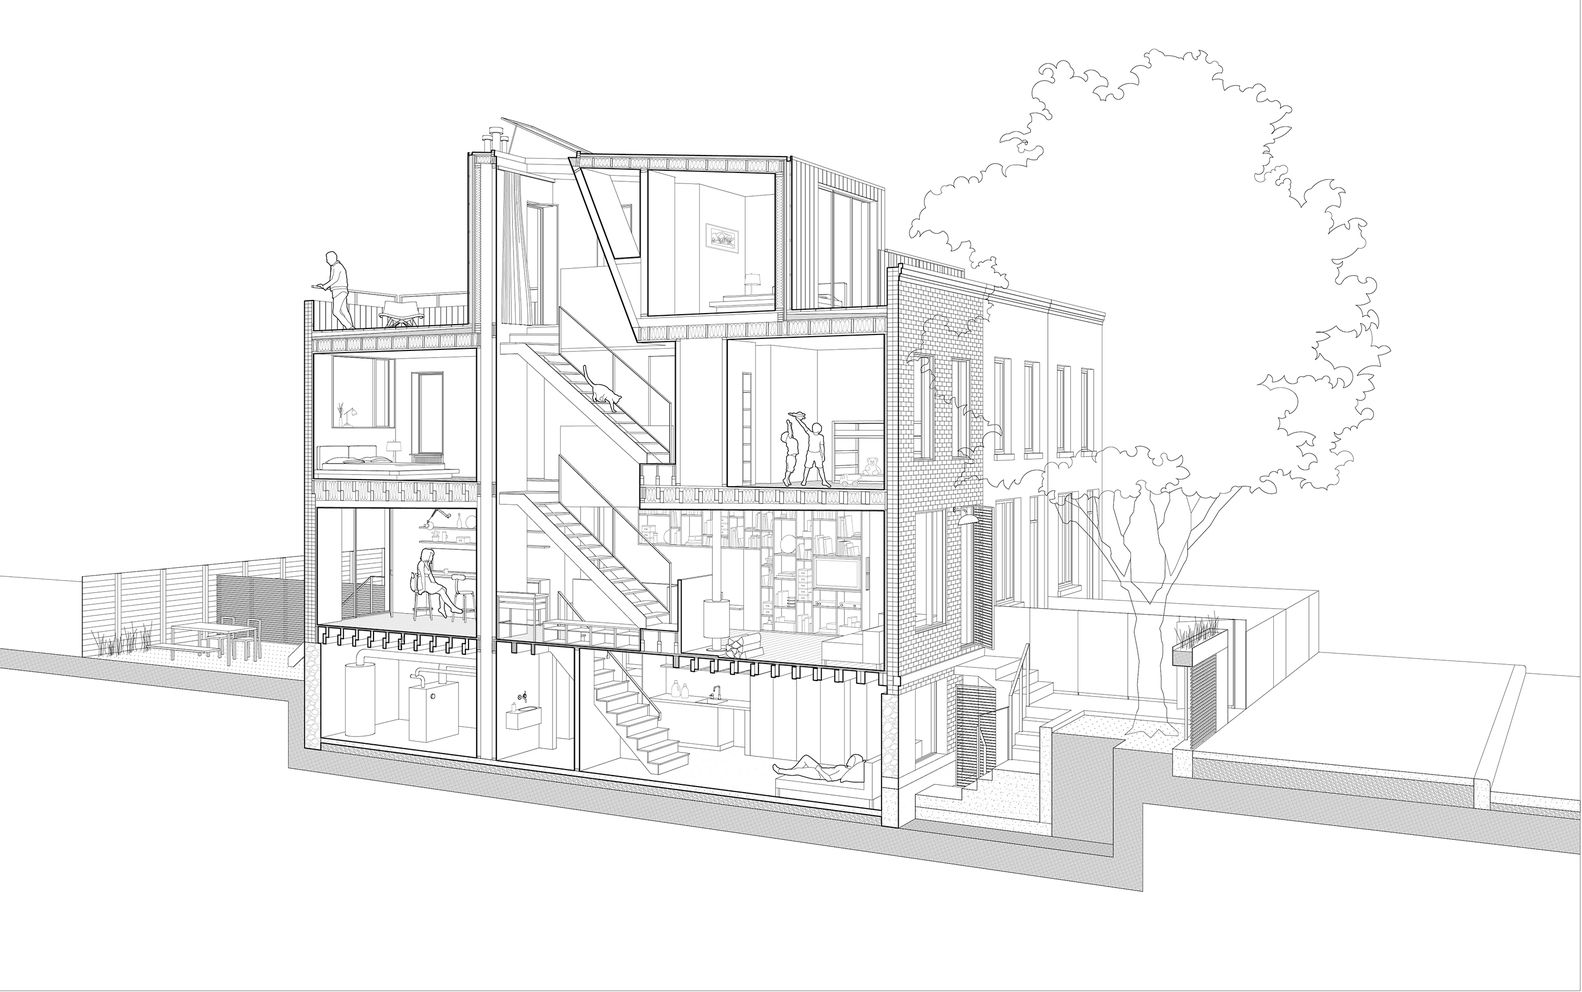 Galería de Pequeña Casa. Gran Ciudad / Office of Architecture - 34 ...